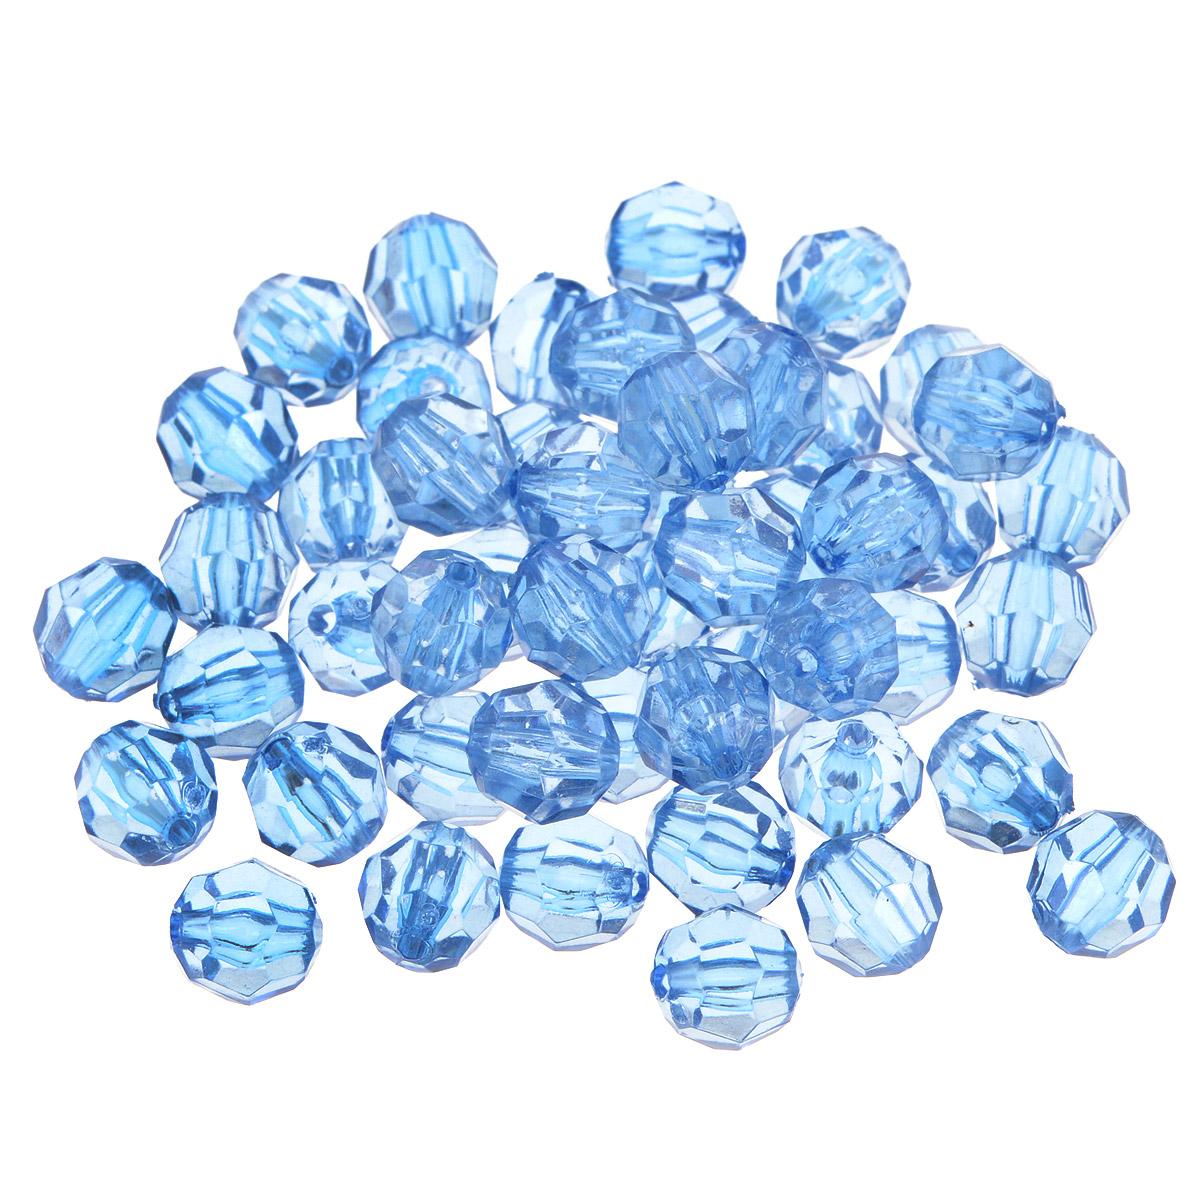 Бусины Астра, цвет: темно-голубой (33), диаметр 10 мм, 25 г. 684977_33684977_33Набор бусин Астра, изготовленный из акрила, позволит вам своими руками создать оригинальные ожерелья, бусы или браслеты. Круглые бусины оснащены рельефными, многогранными поверхностями. Изготовление украшений - занимательное хобби и реализация творческих способностей рукодельницы, это возможность создания неповторимого индивидуального подарка. Диаметр бусины: 10 мм.